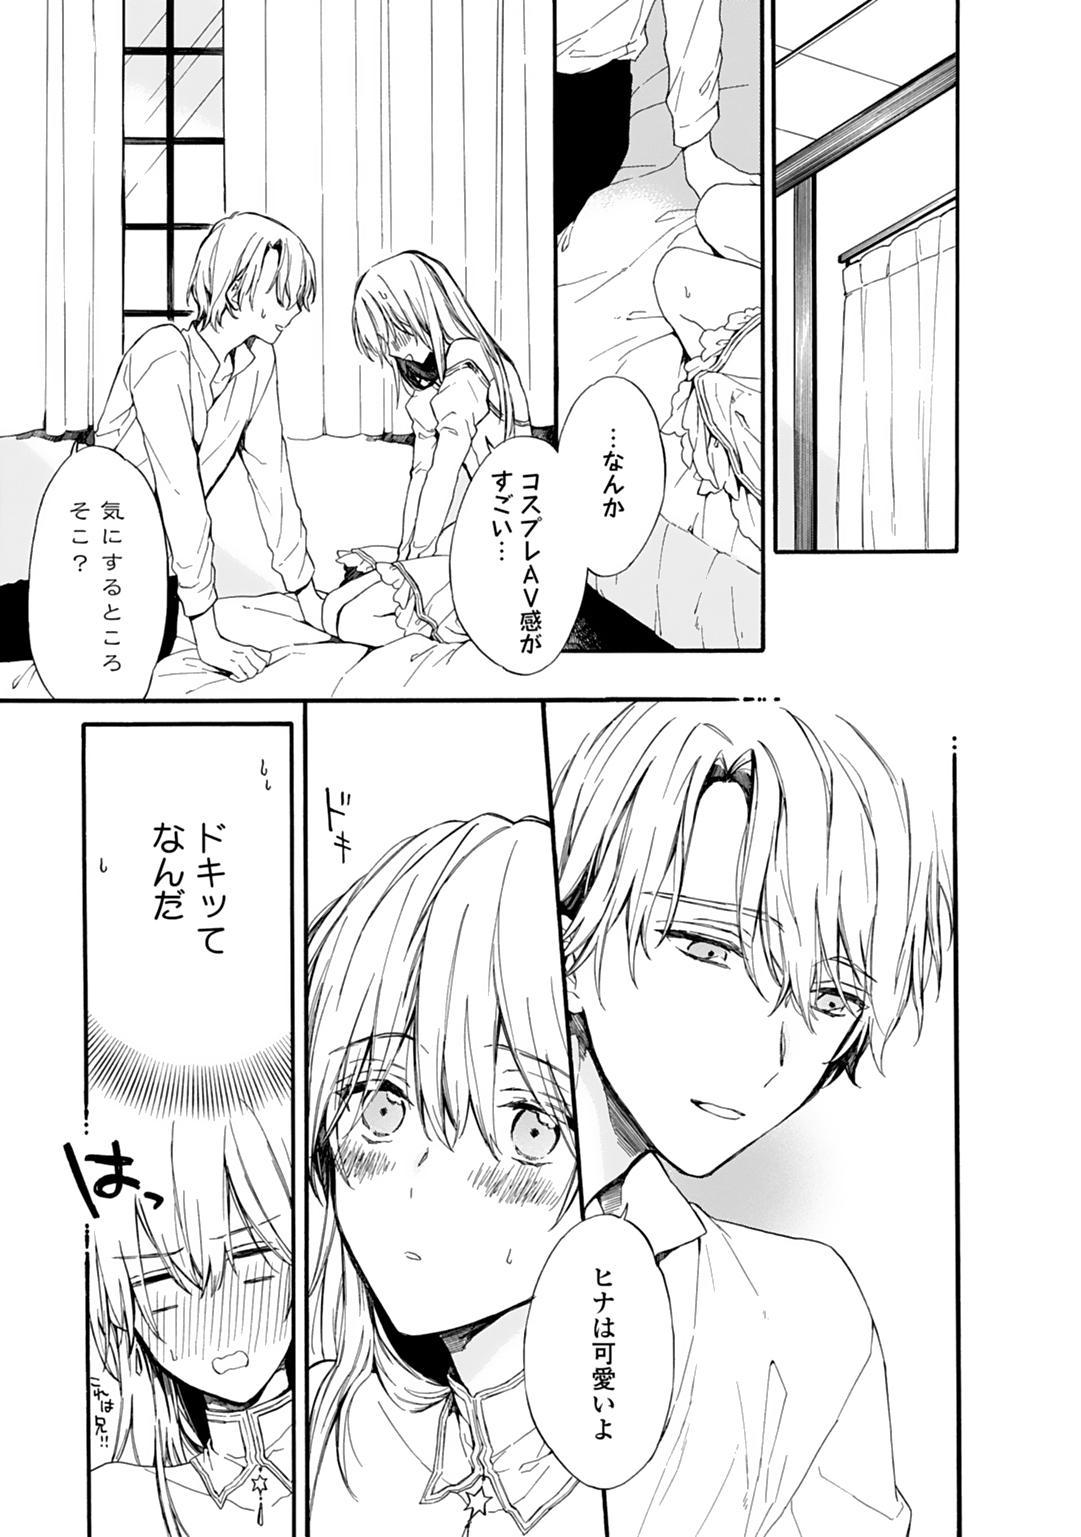 [Suzushiro Nerita] Otomege (18-kin) de Nyotaika shita Ore wa ~Clear Jouken wa Dekiai Ecchi!?~ 1-2 18